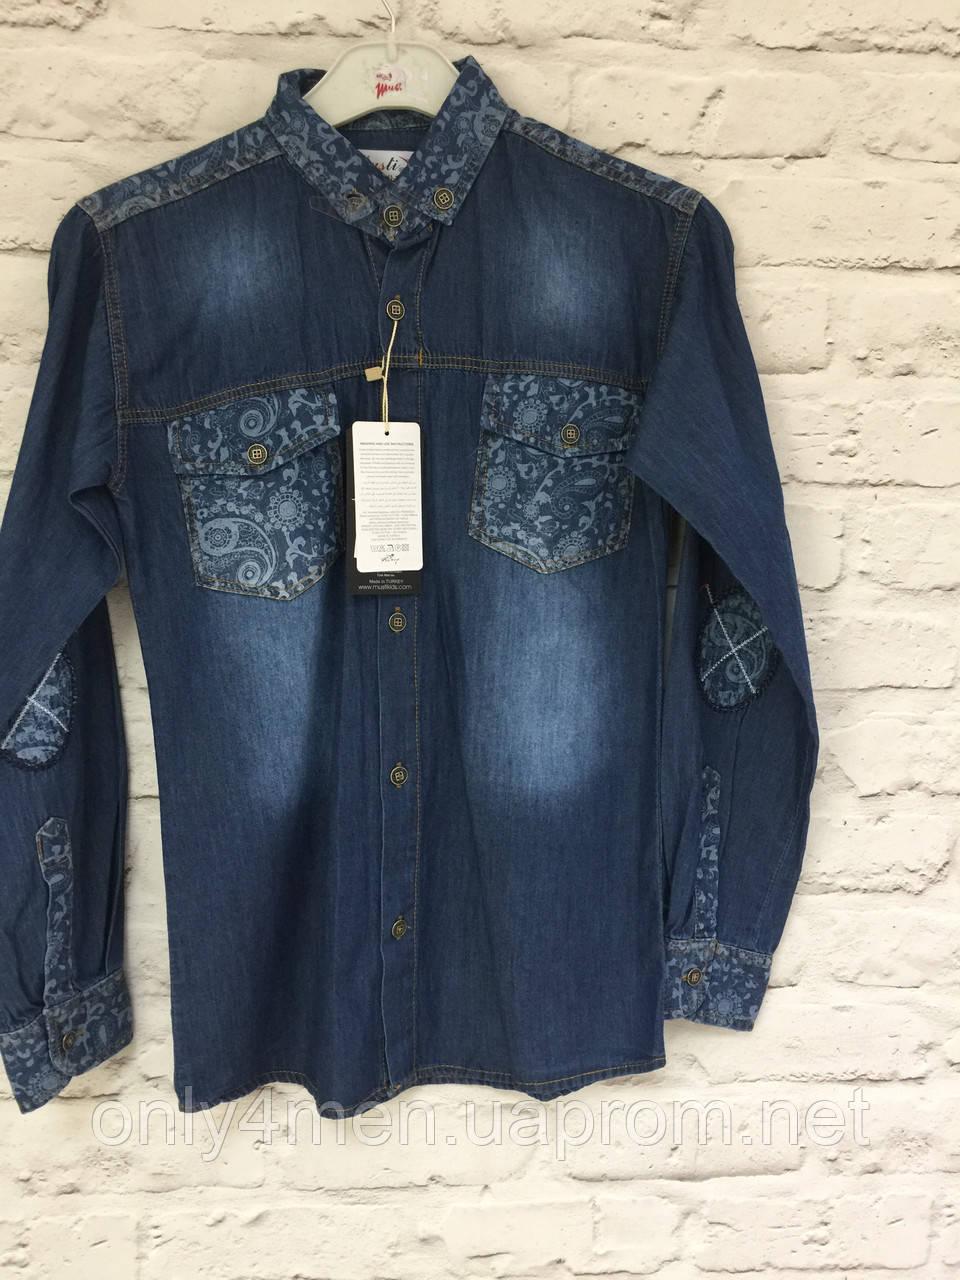 Рубашка джинс, одежда для мальчиков 146-170